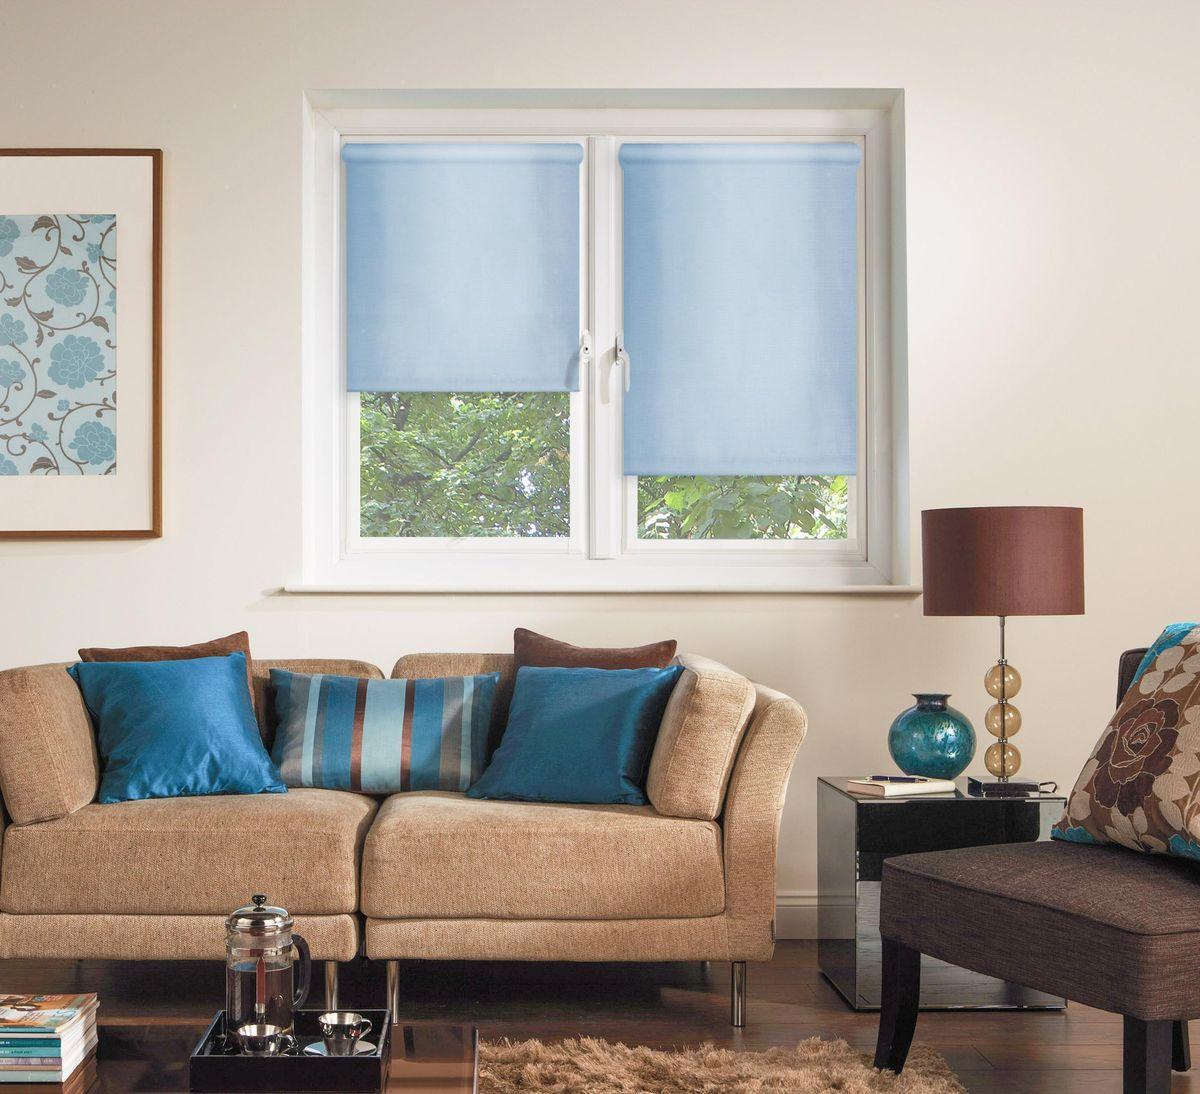 Штора рулонная Эскар, цвет: голубой, ширина 172 см, высота 170 см81005172170Рулонными шторами можно оформлять окна как самостоятельно, так и использовать в комбинации с портьерами. Это поможет предотвратить выгорание дорогой ткани на солнце и соединит функционал рулонных с красотой навесных. Преимущества применения рулонных штор для пластиковых окон: - имеют прекрасный внешний вид: многообразие и фактурность материала изделия отлично смотрятся в любом интерьере; - многофункциональны: есть возможность подобрать шторы способные эффективно защитить комнату от солнца, при этом она не будет слишком темной. - Есть возможность осуществить быстрый монтаж. ВНИМАНИЕ! Размеры ширины изделия указаны по ширине ткани! Во время эксплуатации не рекомендуется полностью разматывать рулон, чтобы не оторвать ткань от намоточного вала. В случае загрязнения поверхности ткани, чистку шторы проводят одним из способов, в зависимости от типа загрязнения: легкое поверхностное загрязнение можно удалить при помощи канцелярского ластика; чистка от пыли производится сухим методом при...